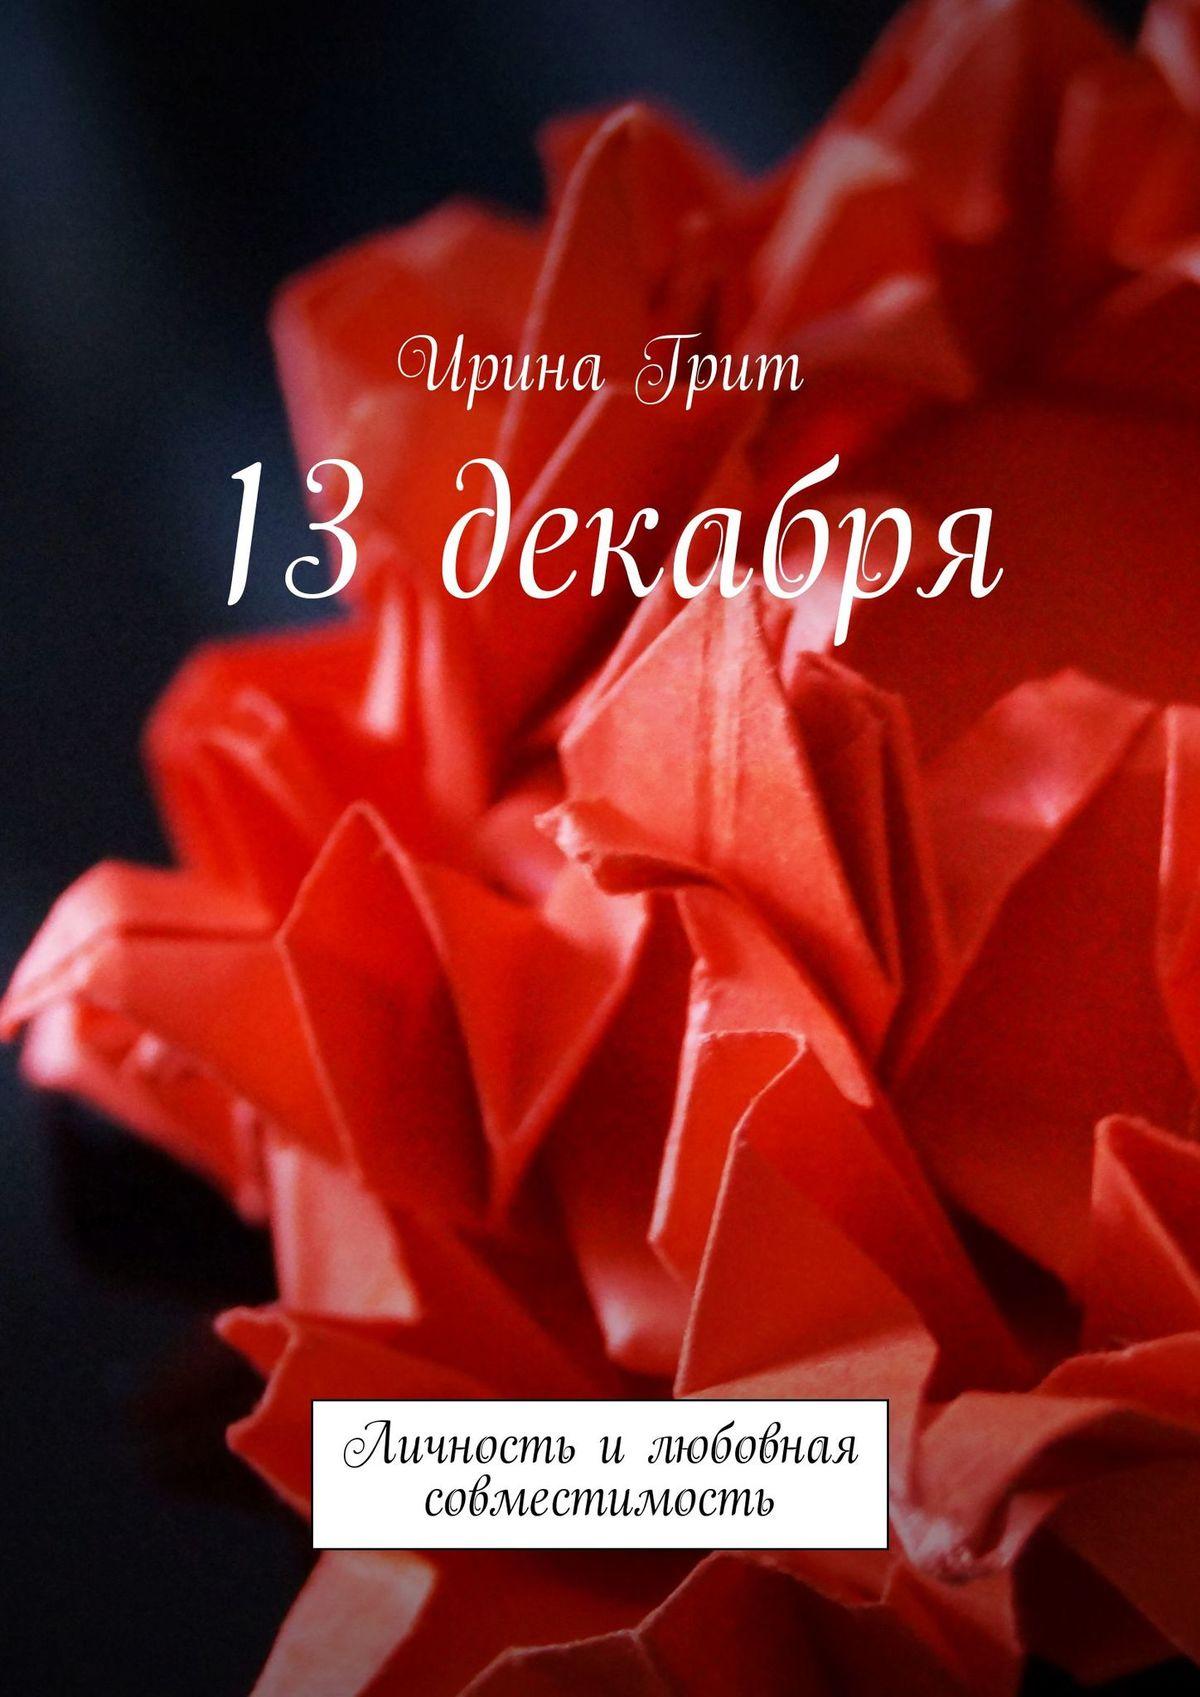 Ирина Грит 13 декабря. Личность и любовная совместимость ирина грит 3 декабря личность илюбовная совместимость